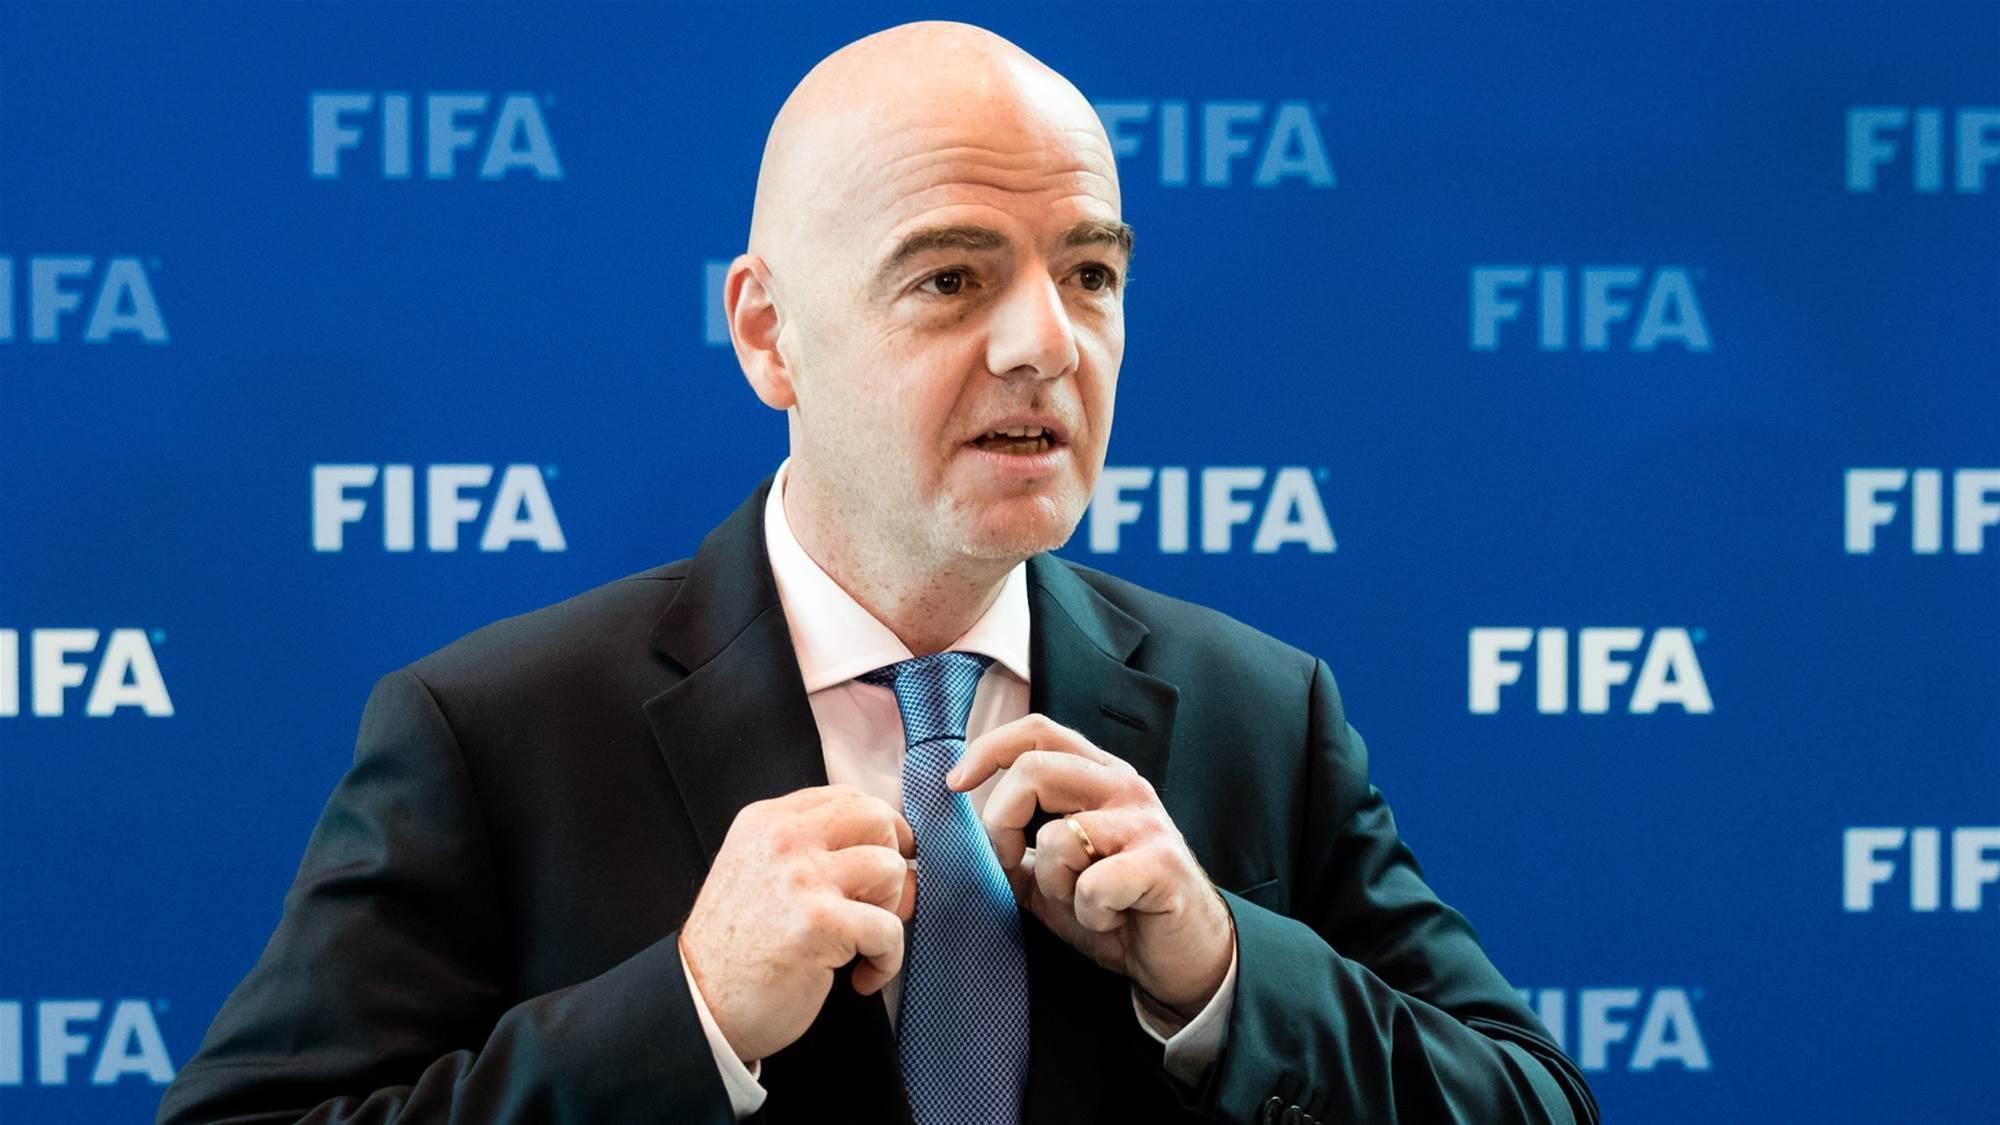 FIFA president postpones Aussie visit